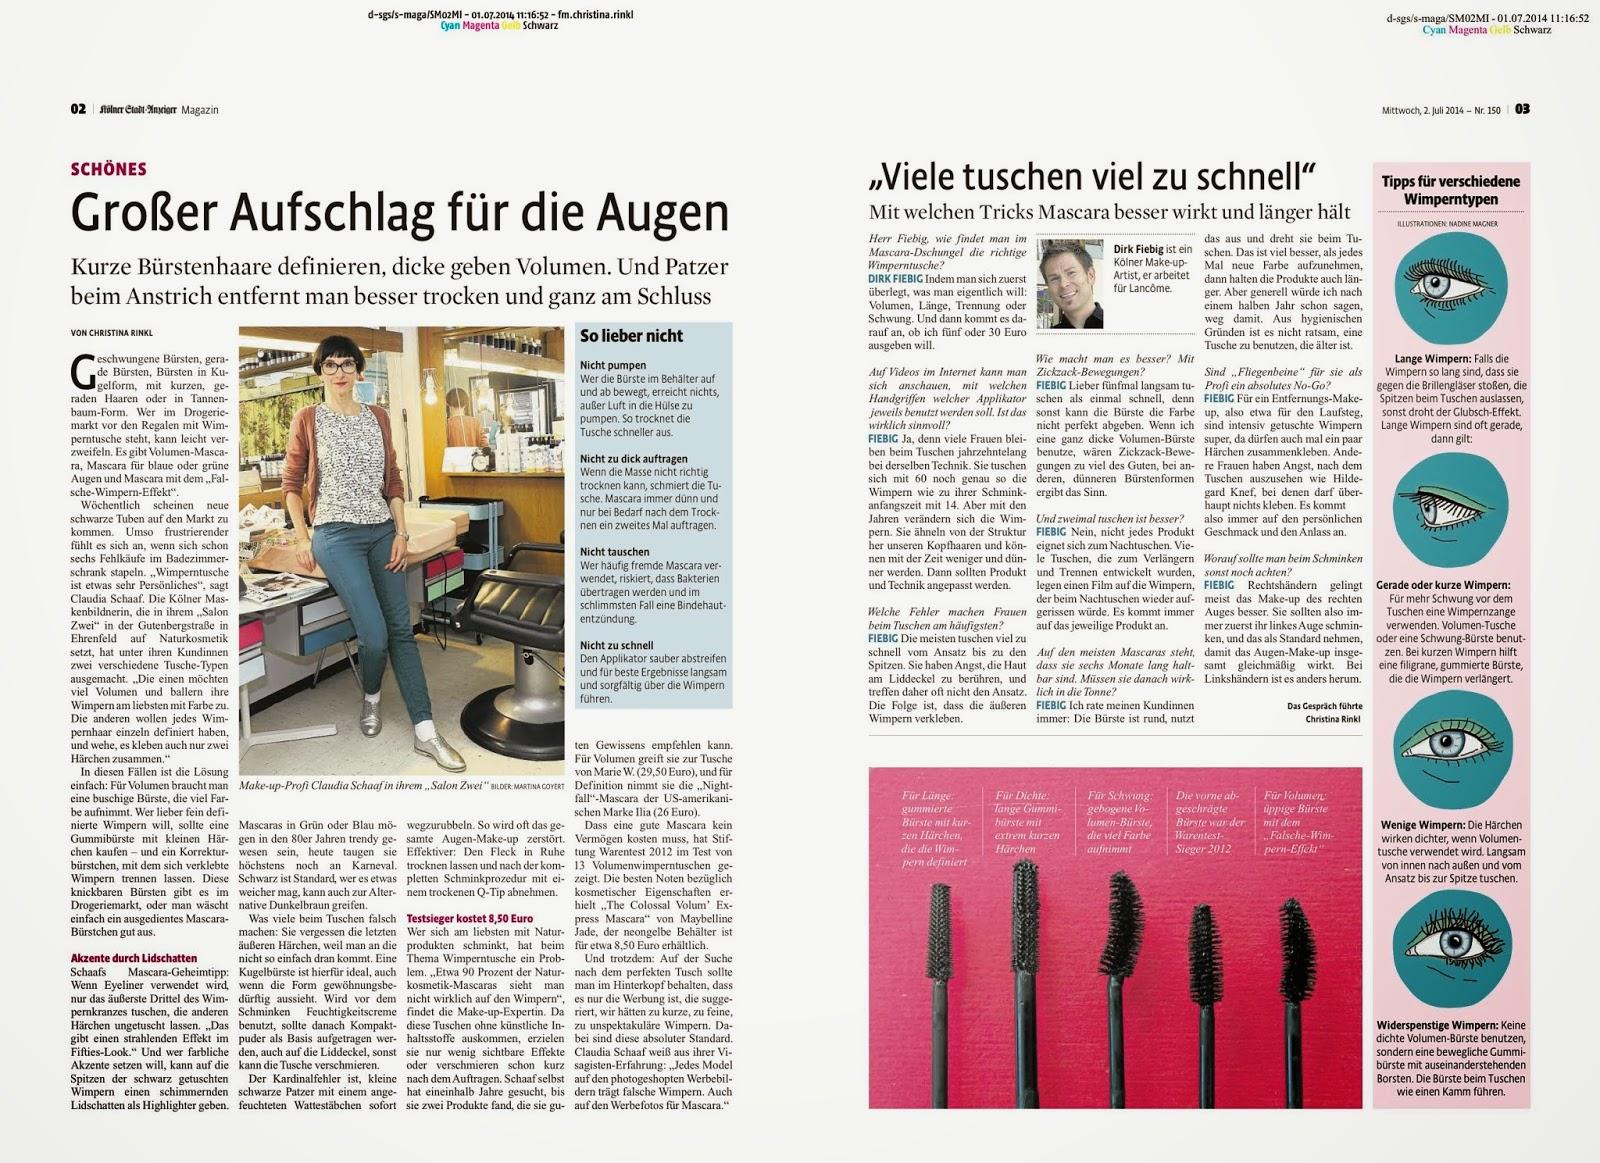 KSTA Magazin Artikel über den Salon Zwei und die richtige Tusche